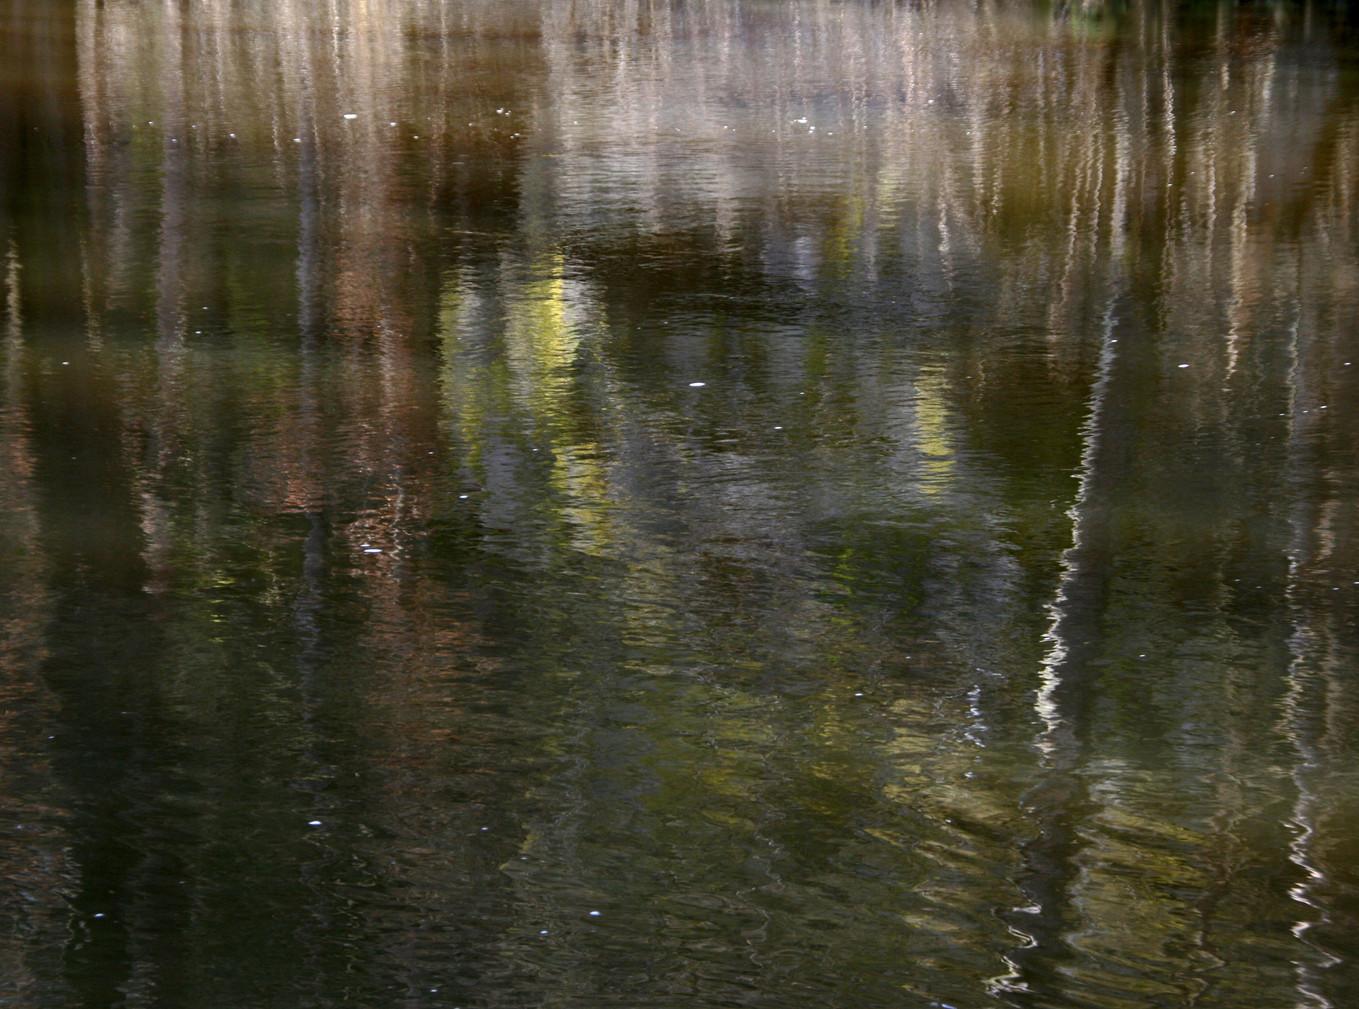 05_Vom Wasser, 2012, Fotogafie, 20 x 30c